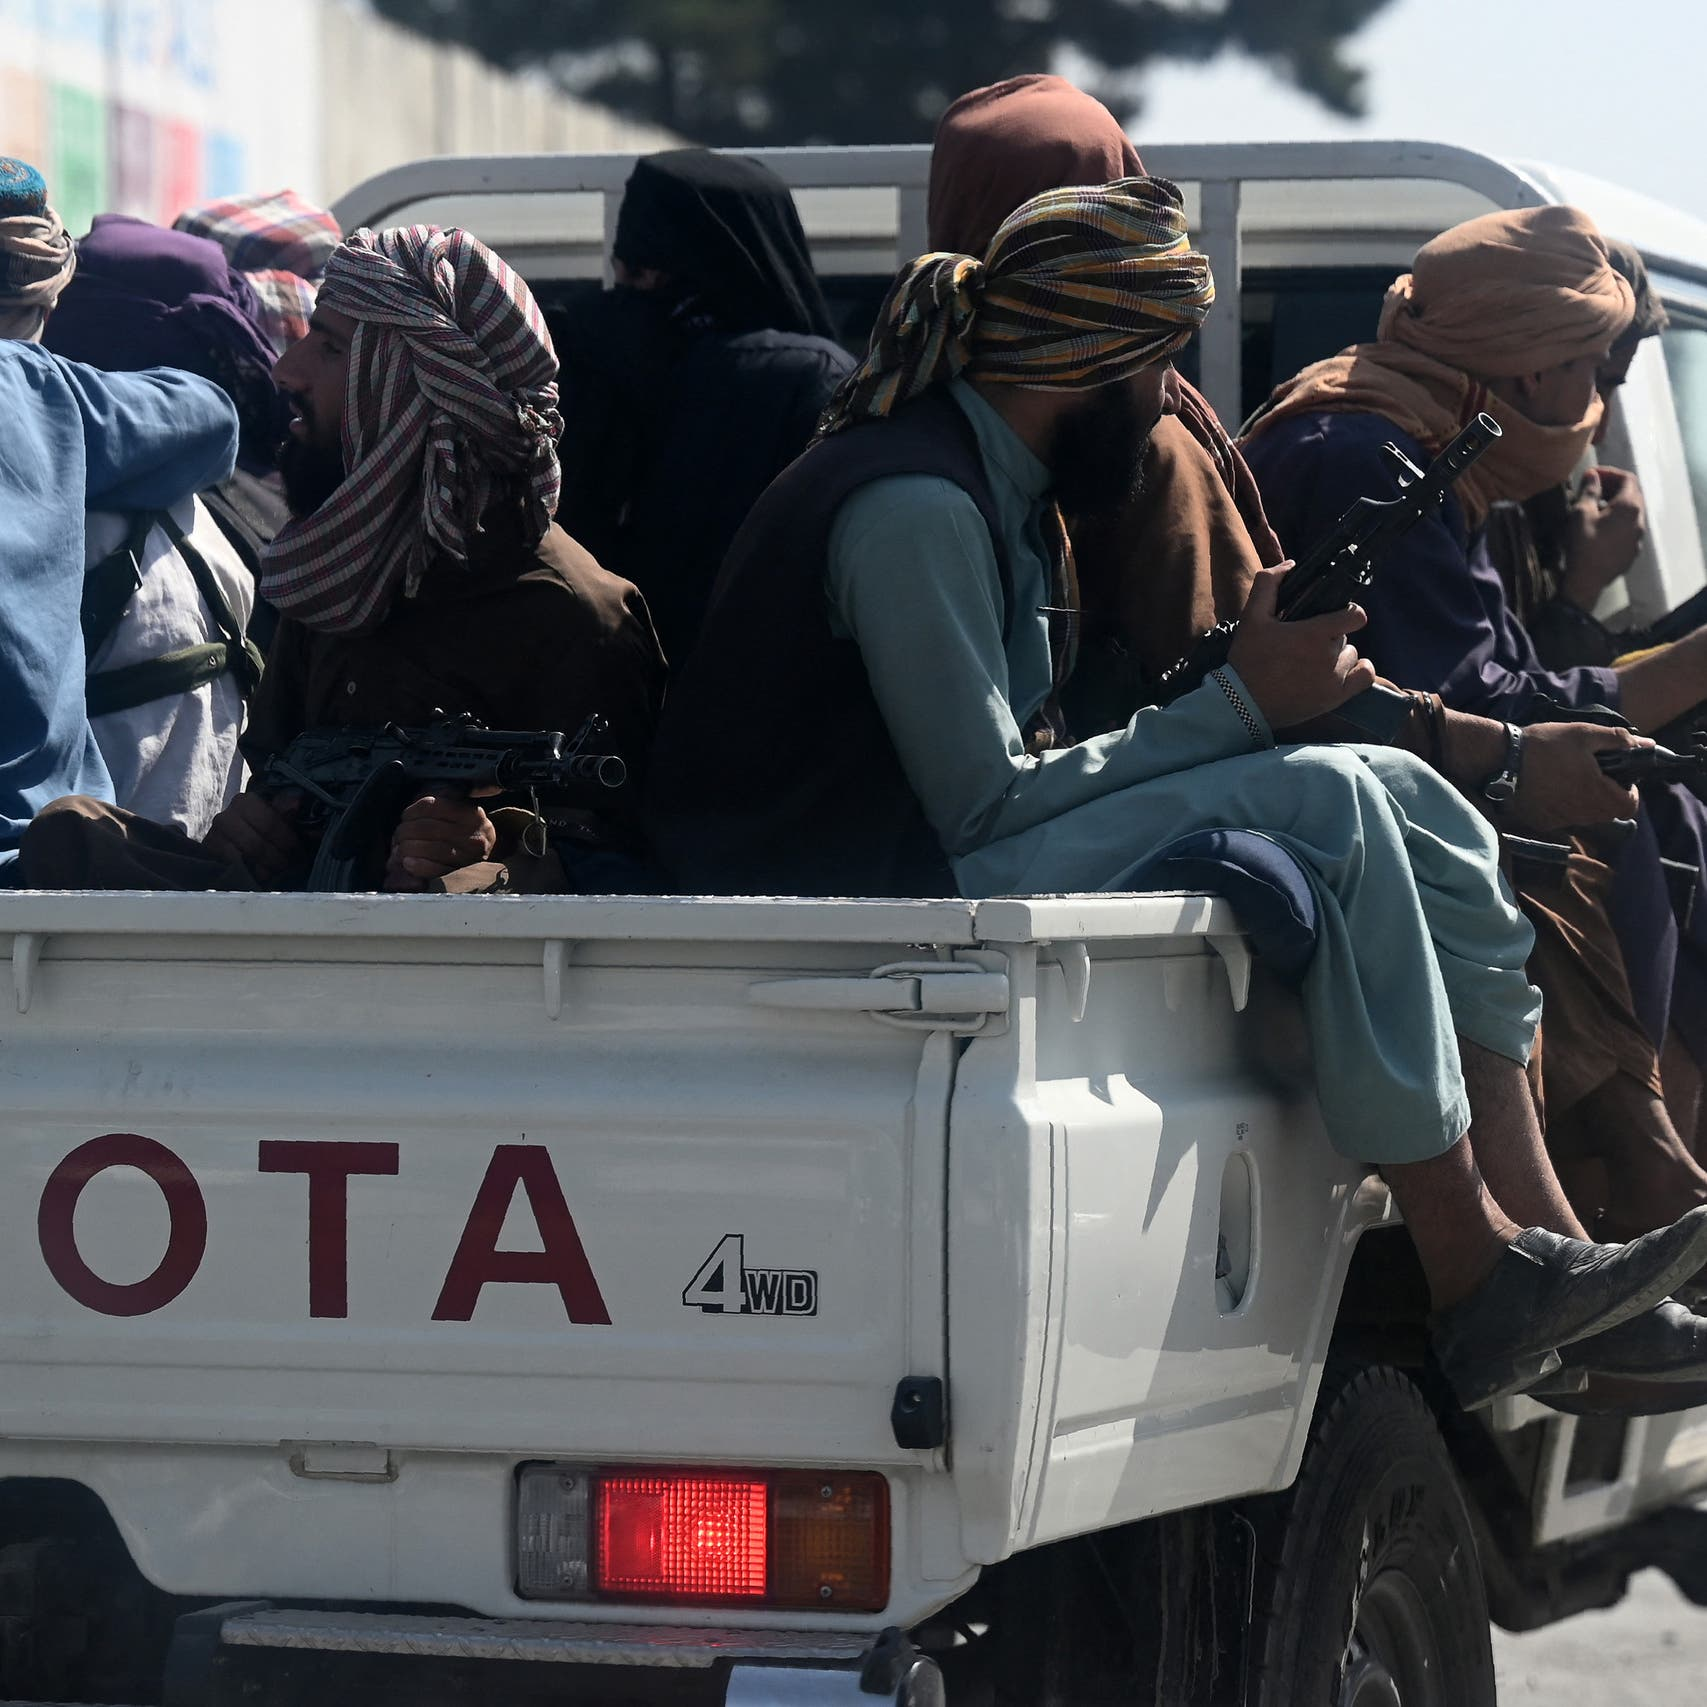 المخابرات البريطانية تحذر: الإرهاب قادم من أفغانستان